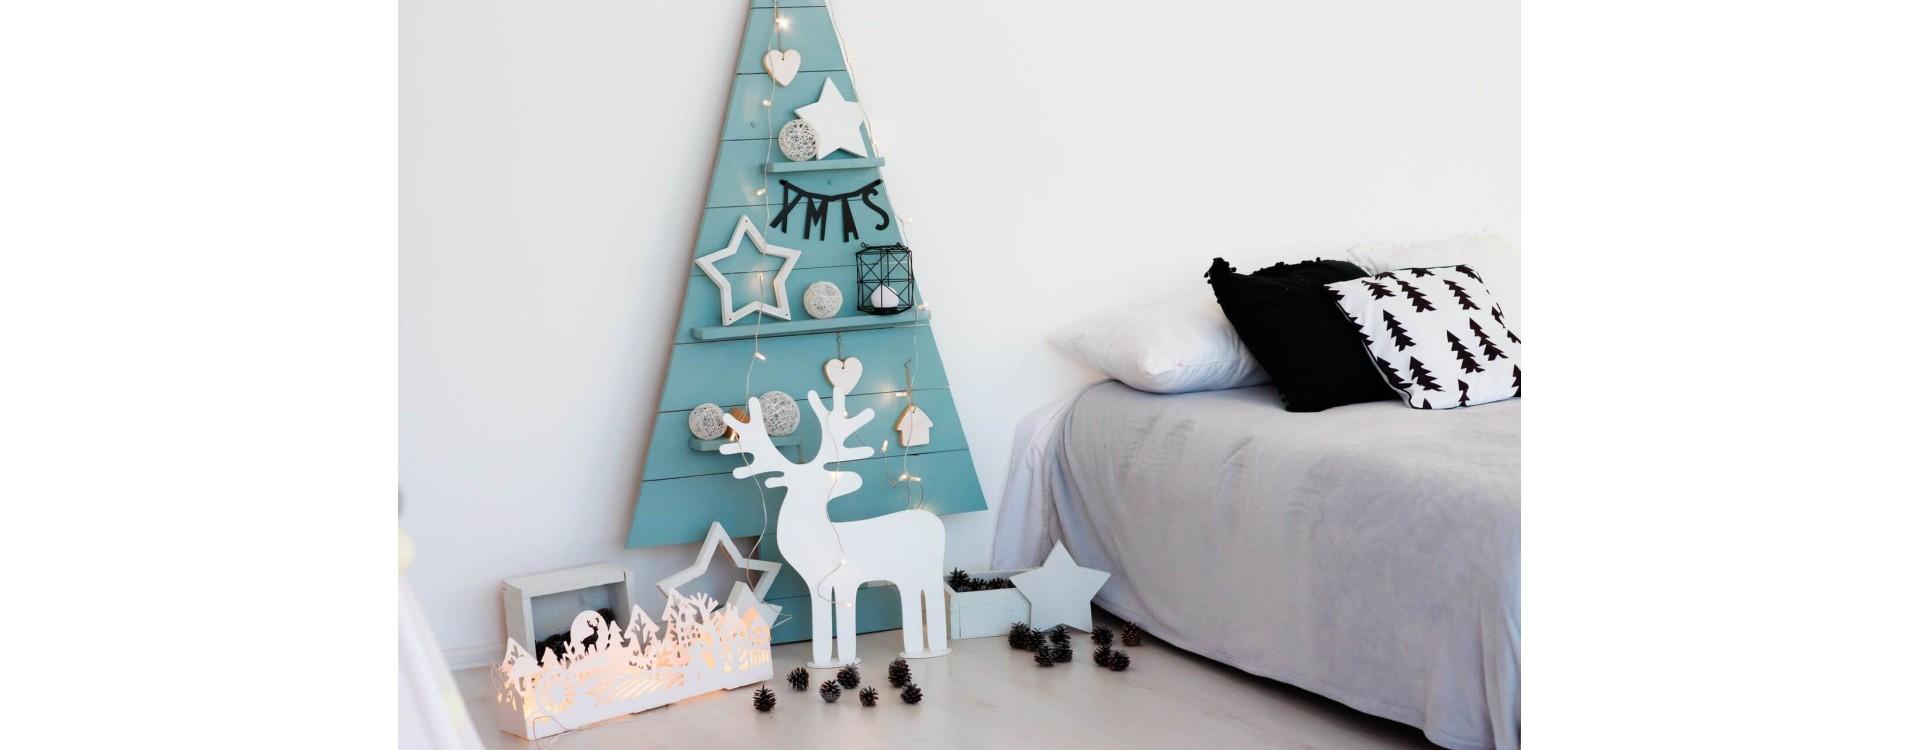 Albero di Natale con listelli in legno (e non solo): ecco tante idee per realizzarlo